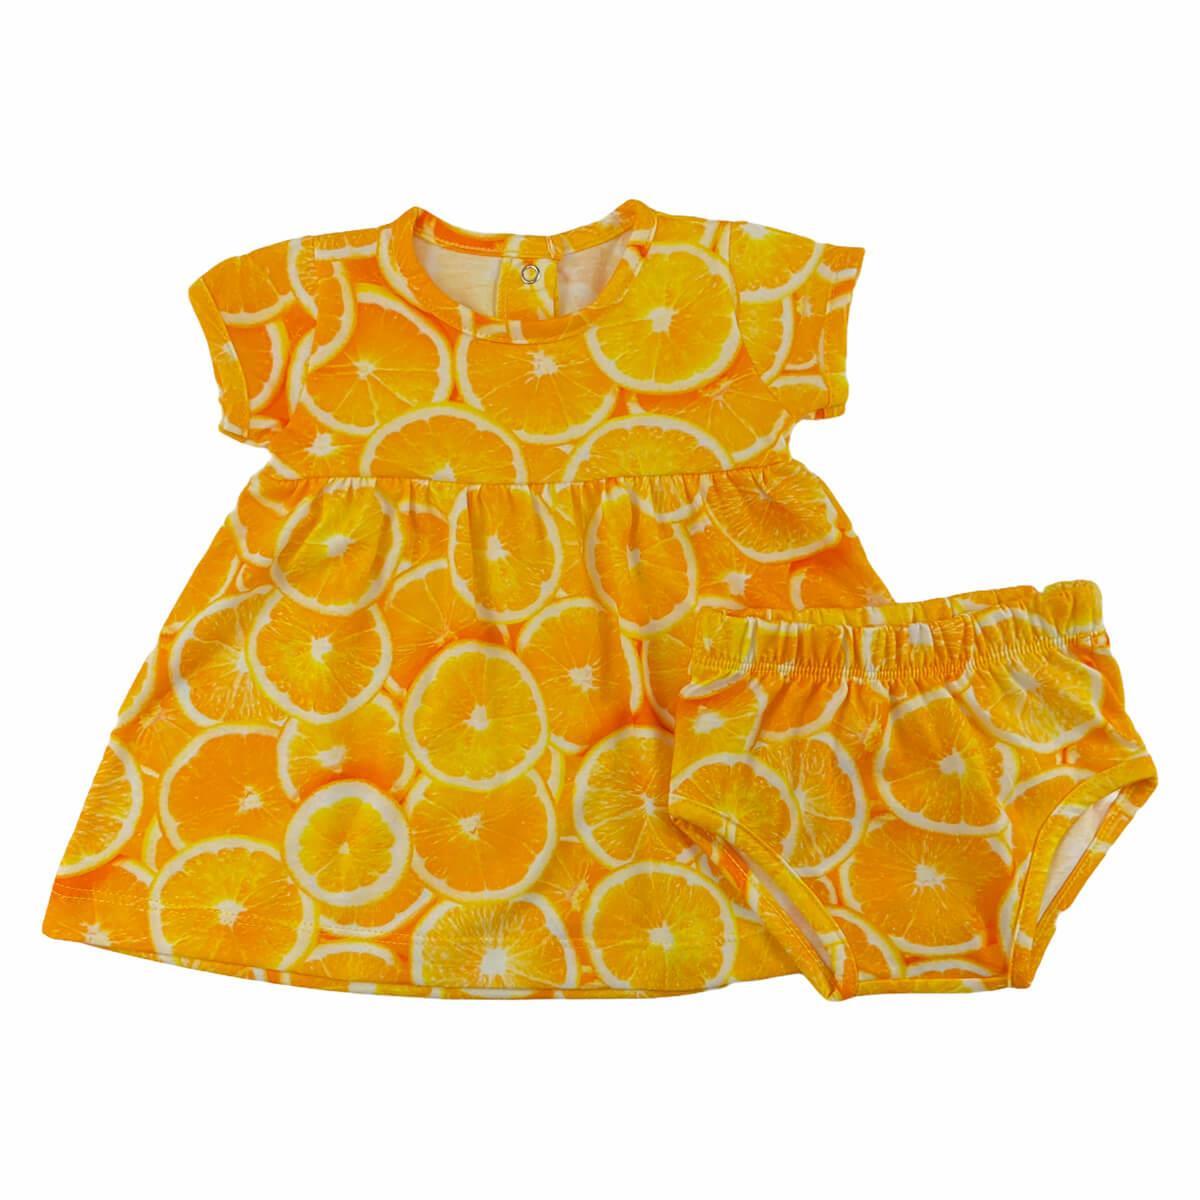 Vestido Laranjas 1 ao 3 Malha 100% Algodão  - Piu Blu